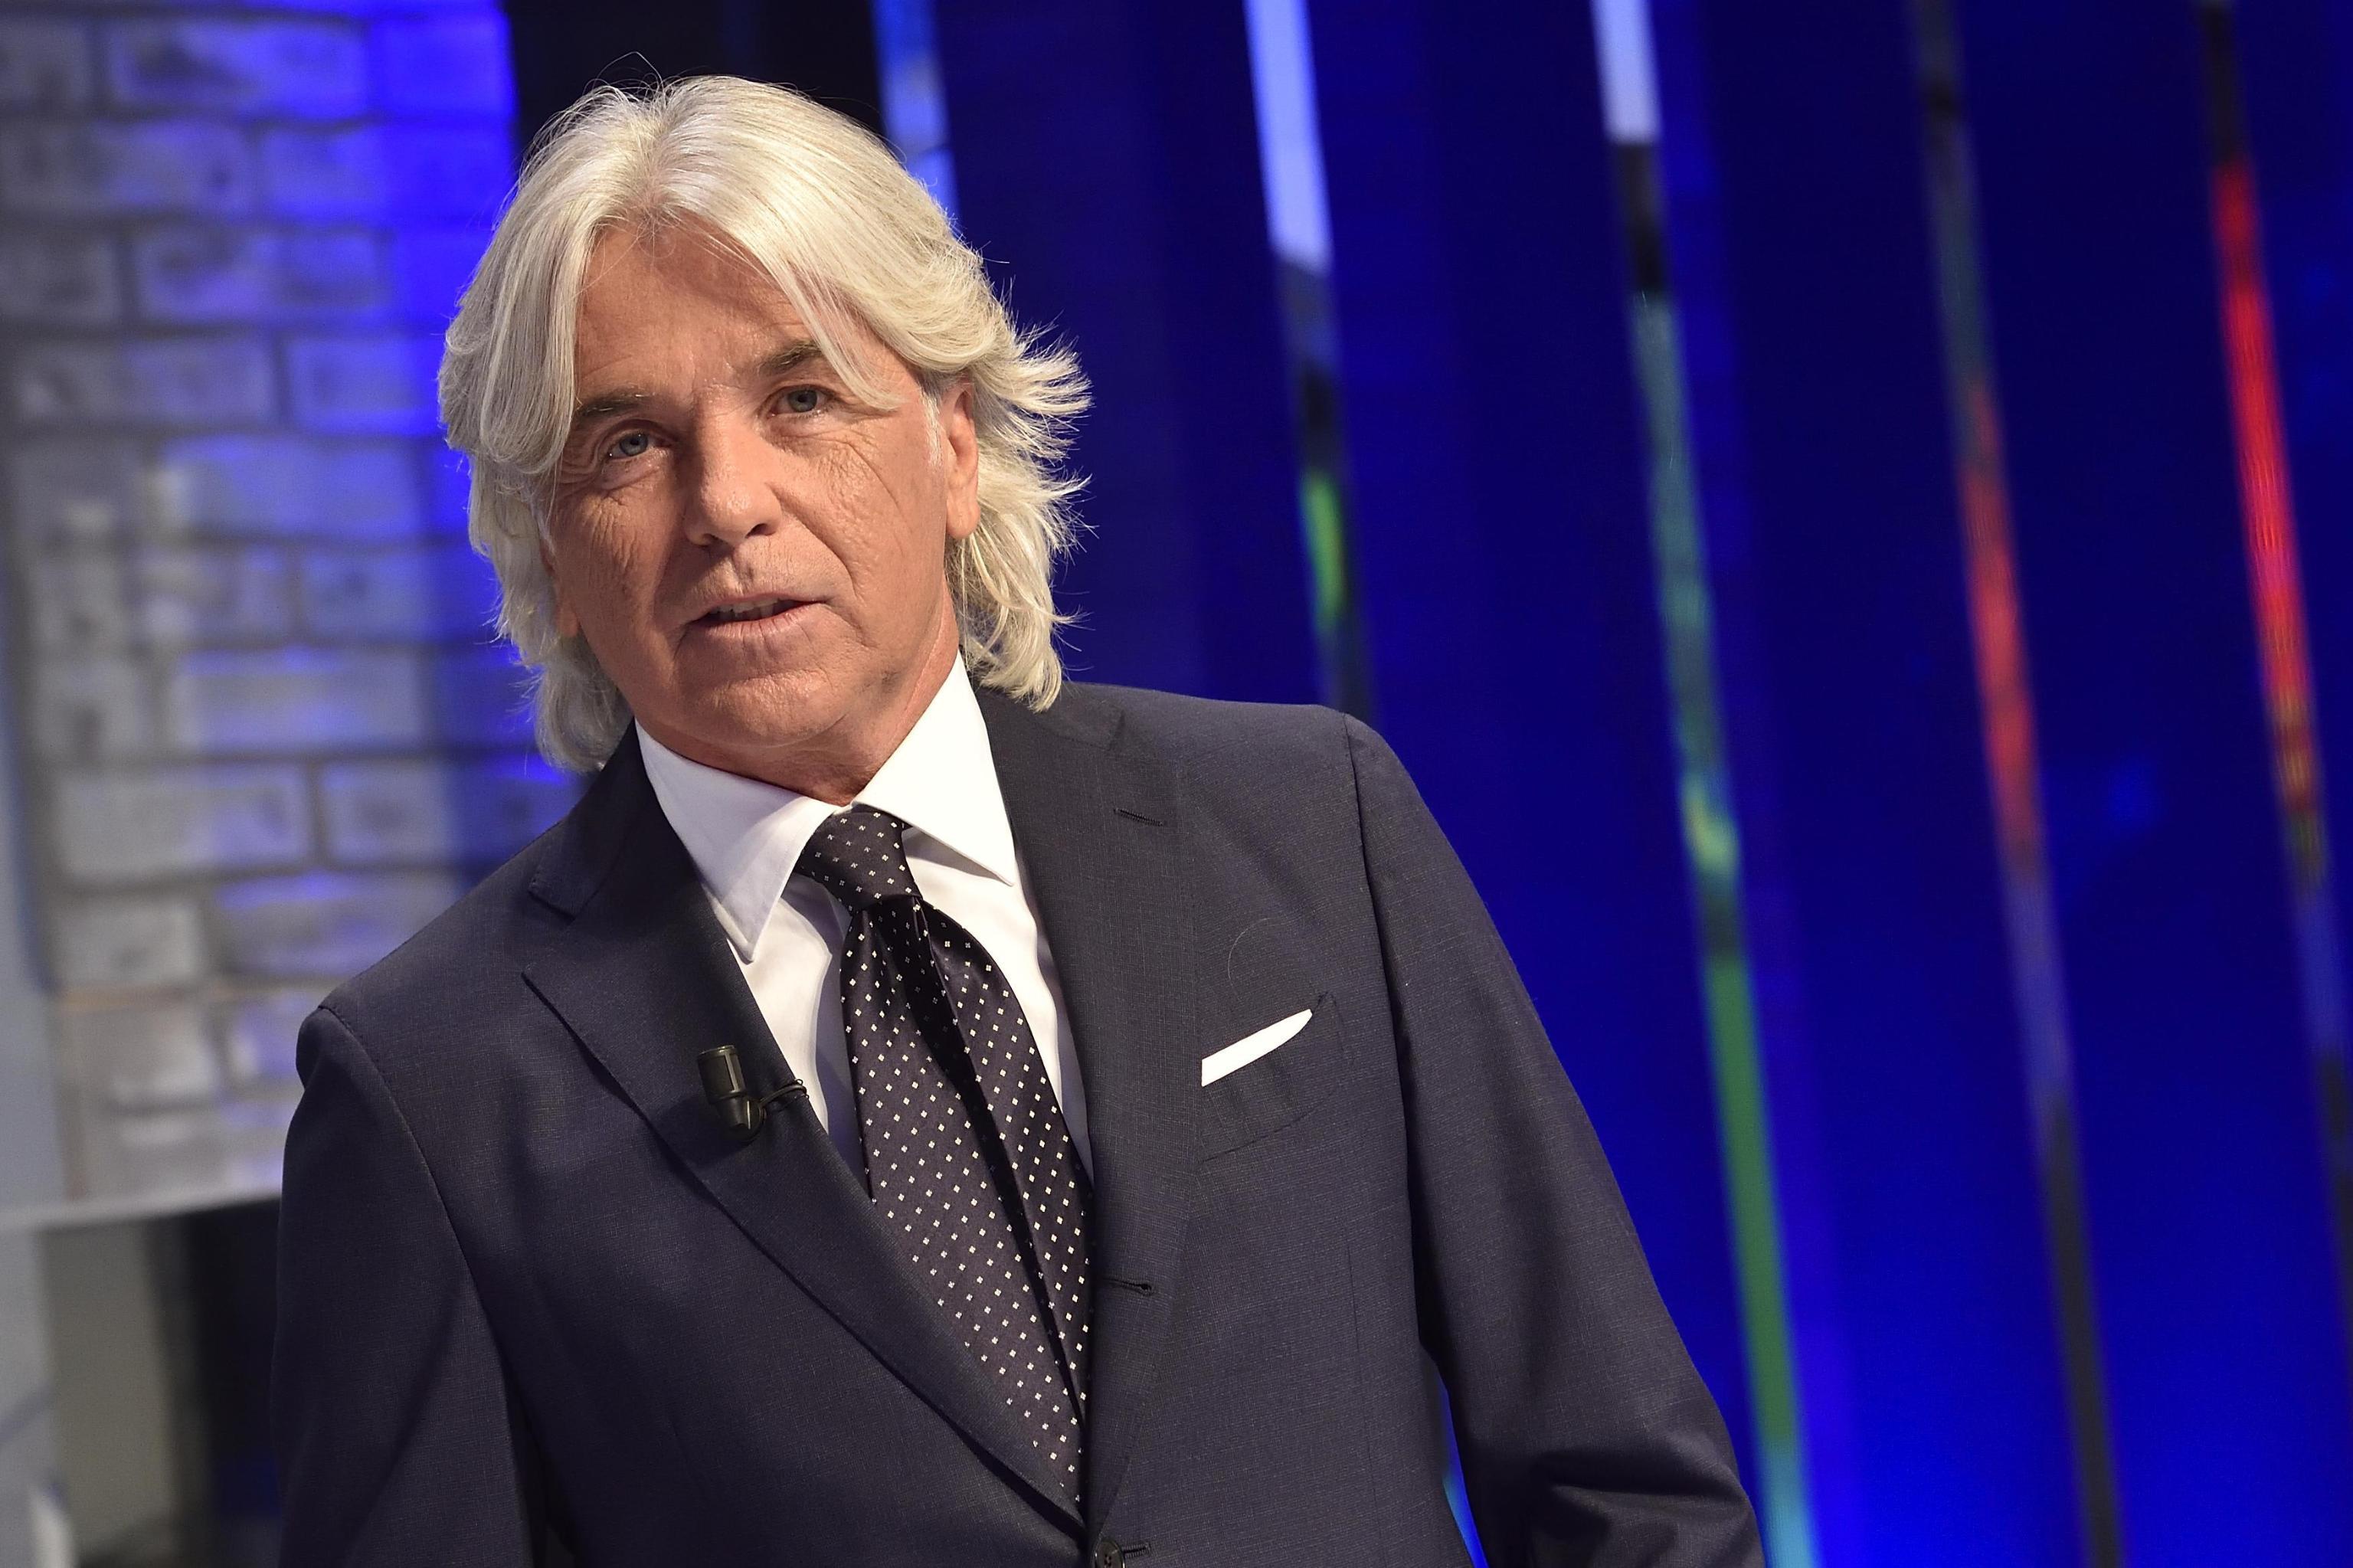 Ballando con le stelle, Ivan Zazzaroni fa dietrofront: 'Darò il voto a Ciacci-Todaro'